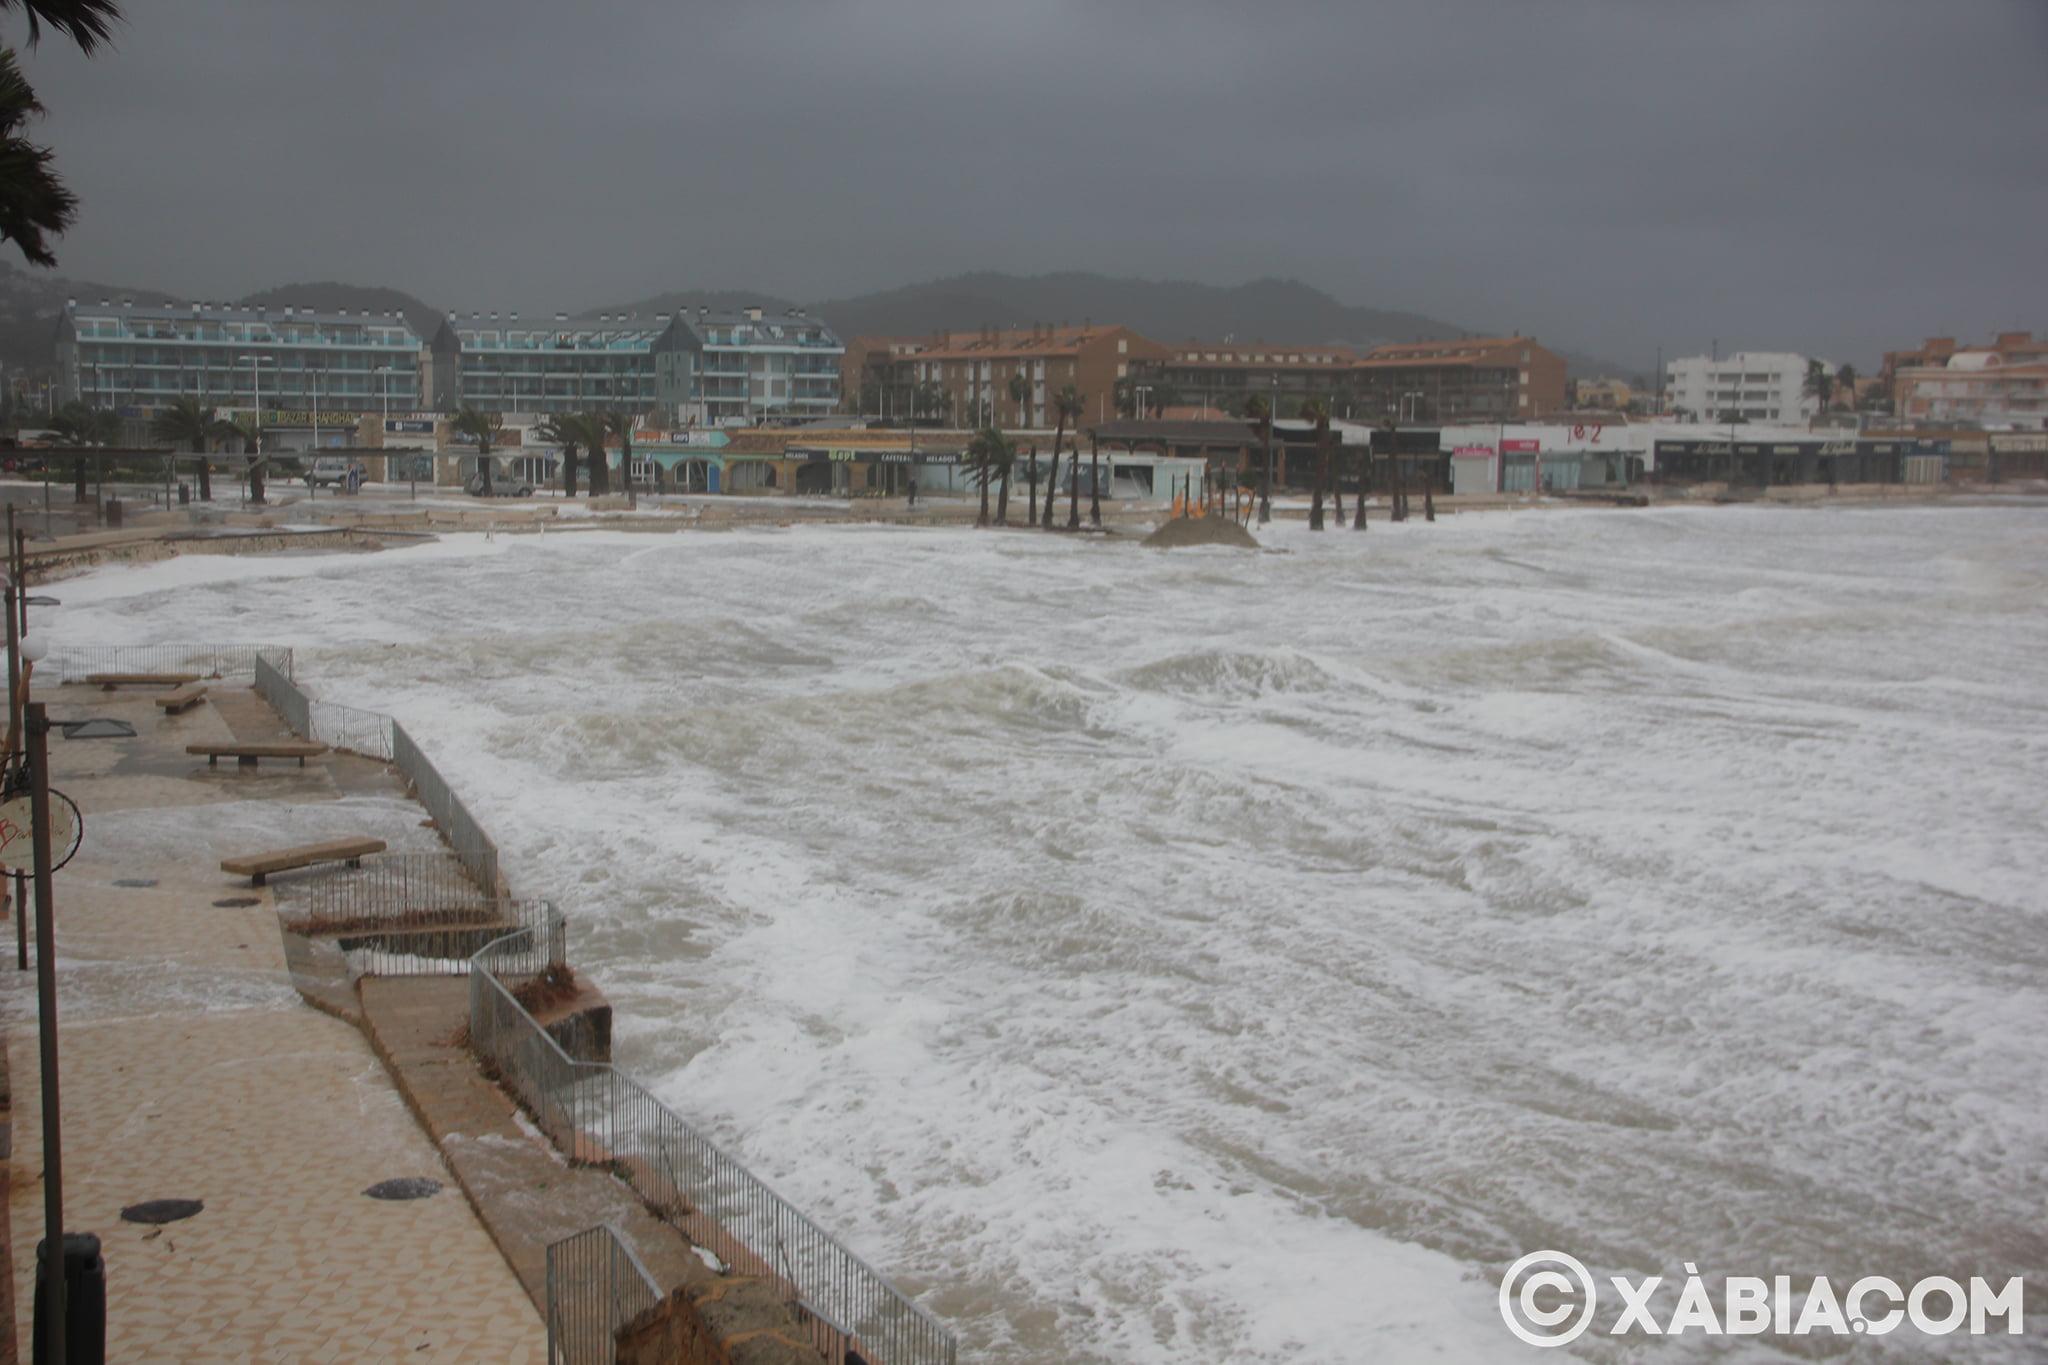 Brandelli di pioggia, vento e mare in Xàbia (19)